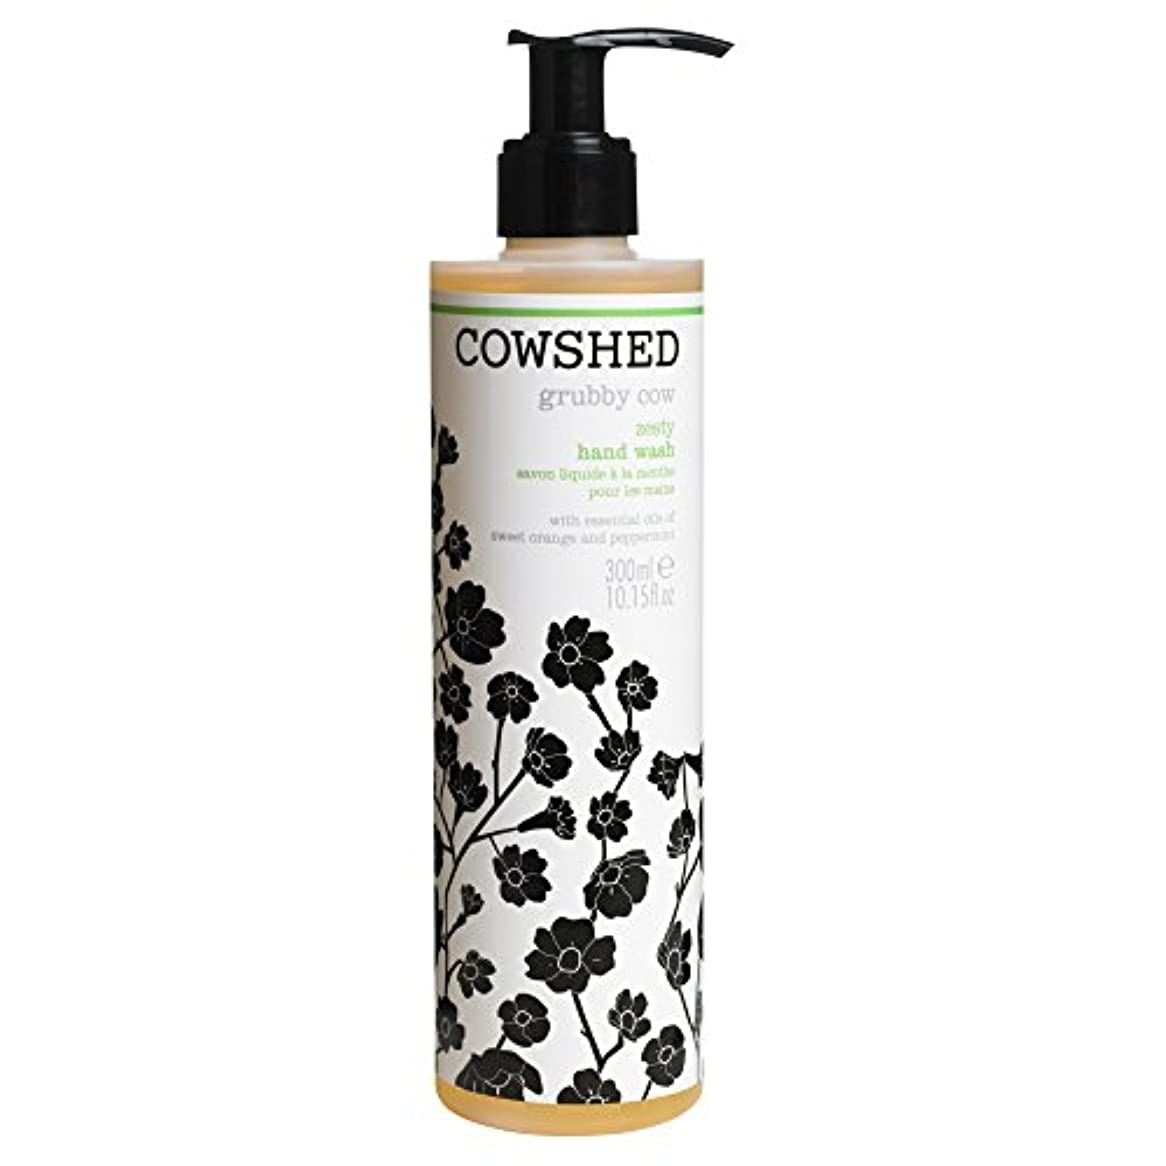 ヒット中傷工場牛舎汚い牛ピリッハンドウォッシュ300ミリリットル (Cowshed) - Cowshed Grubby Cow Zesty Hand Wash 300ml [並行輸入品]